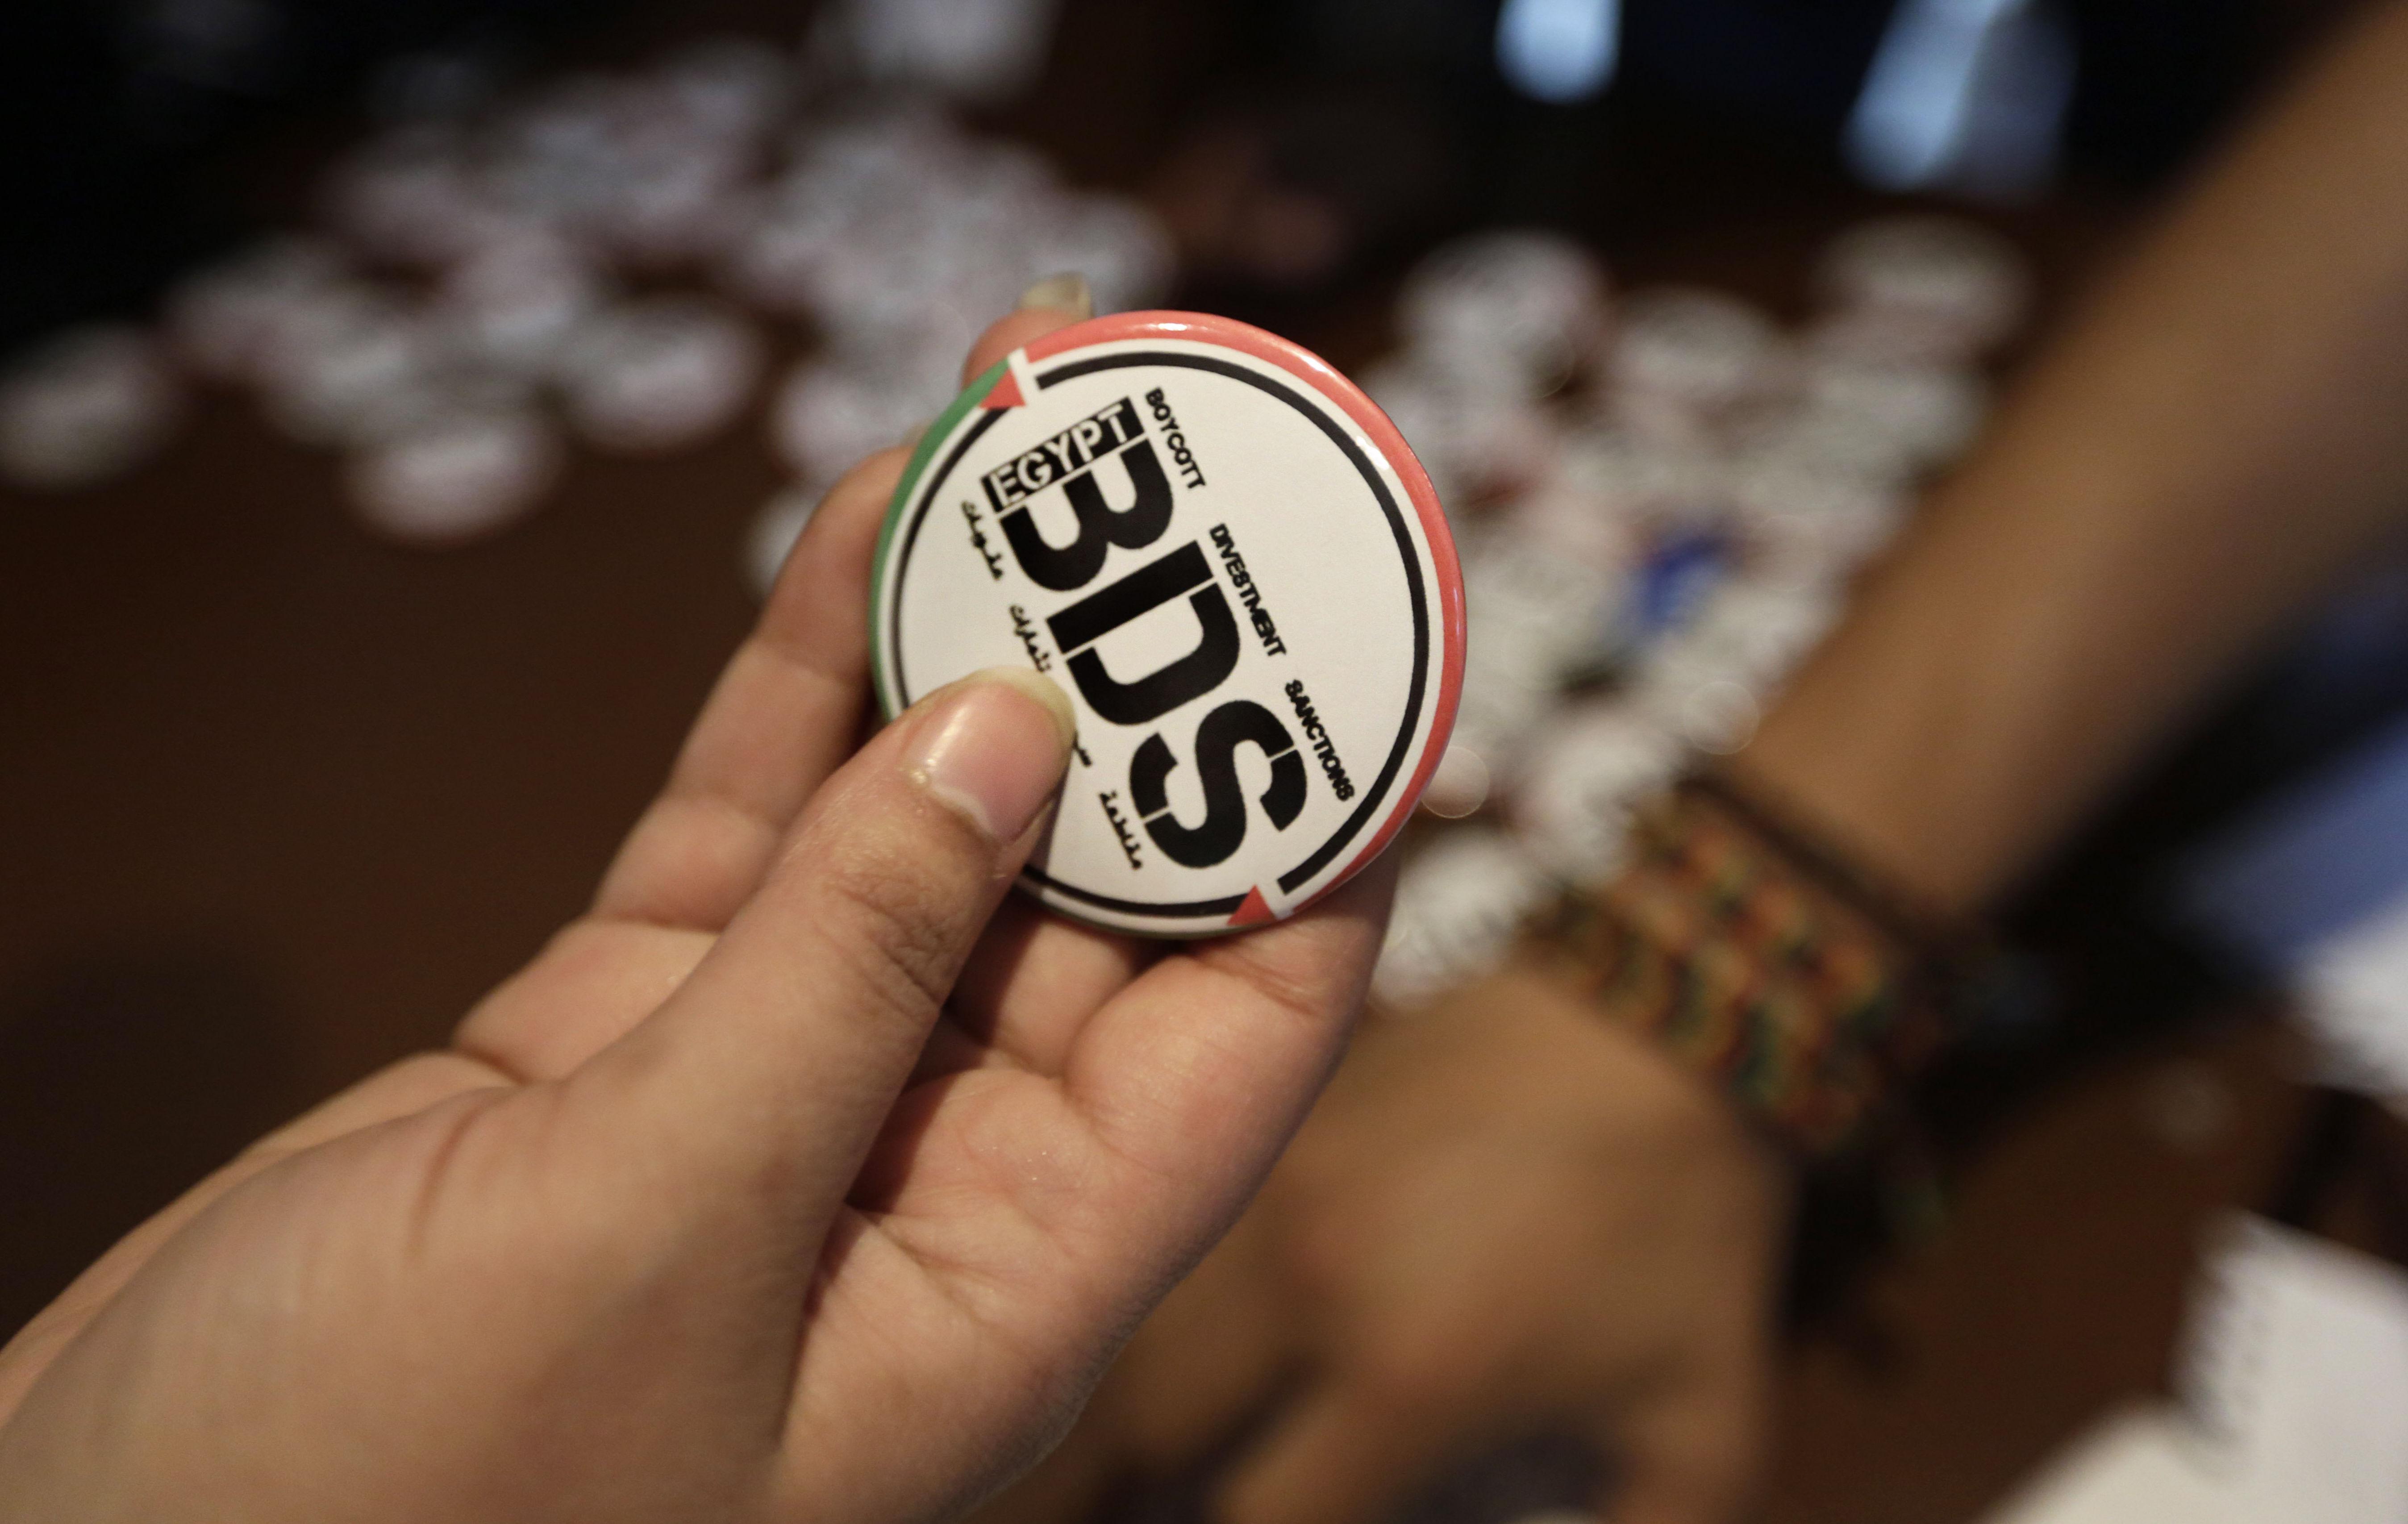 Boycott, Divestment and Sanctions (BDS) logo